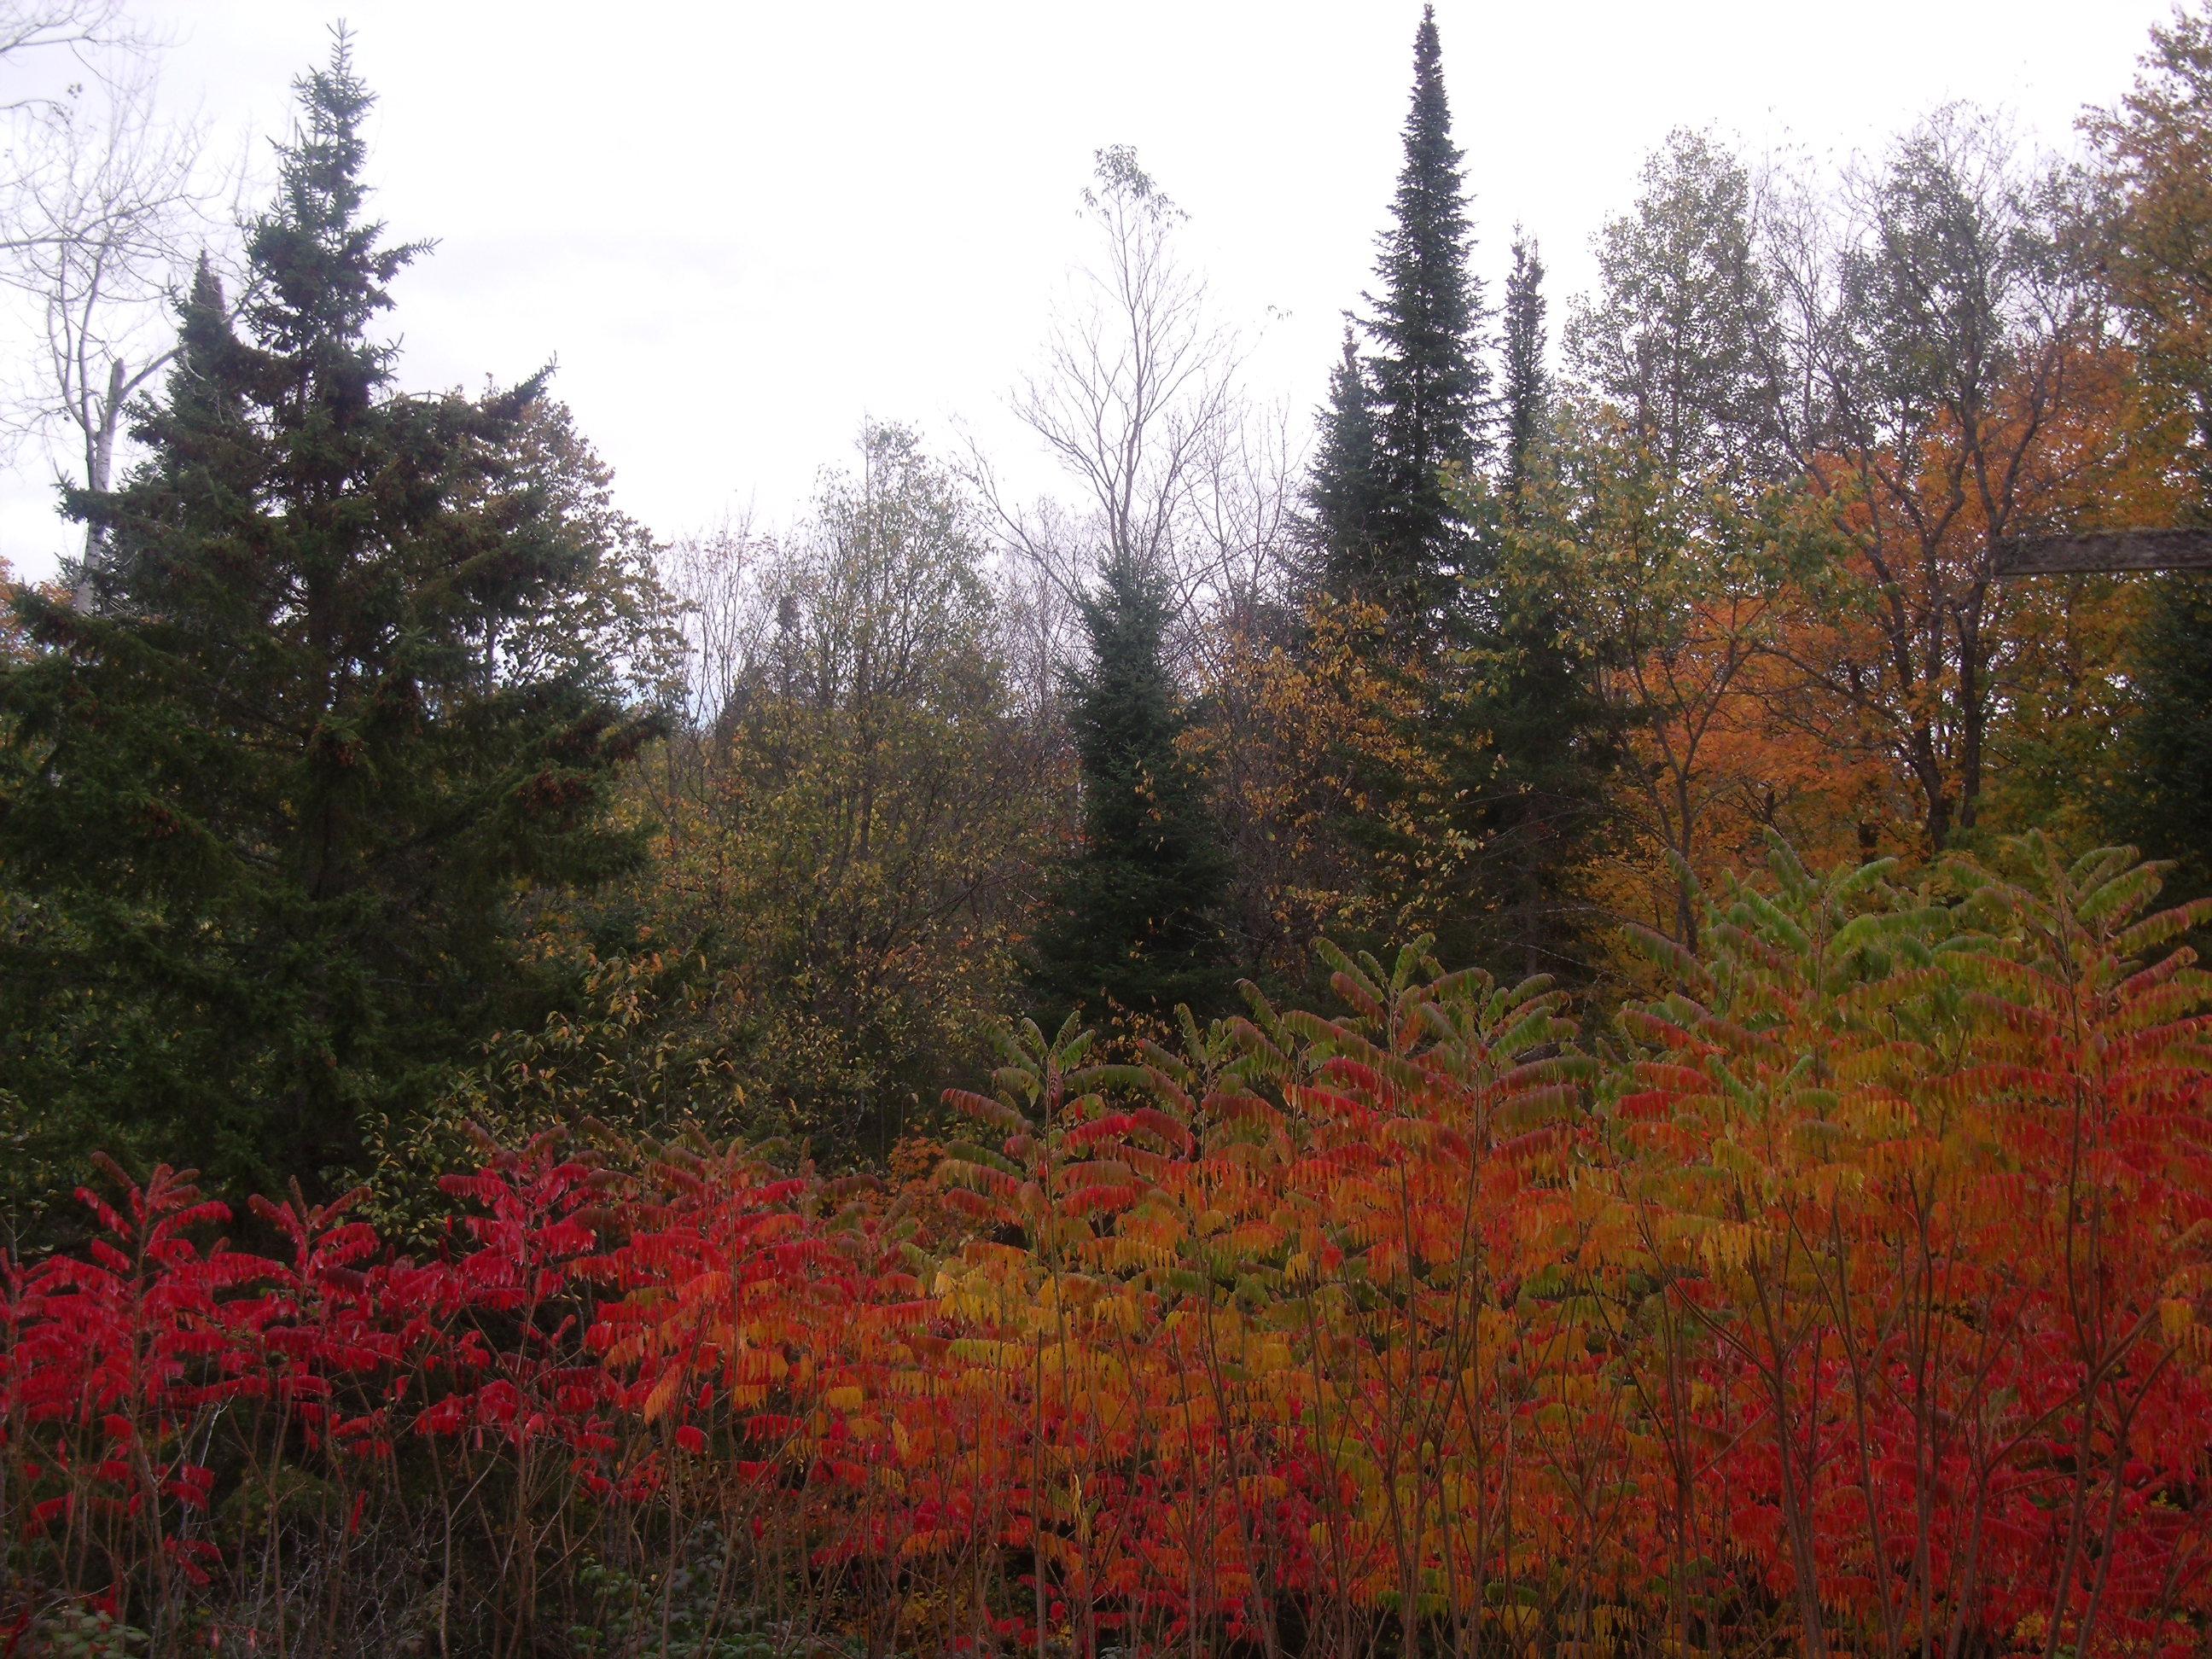 Staghorn Sumac's Brilliant Autumn Colors